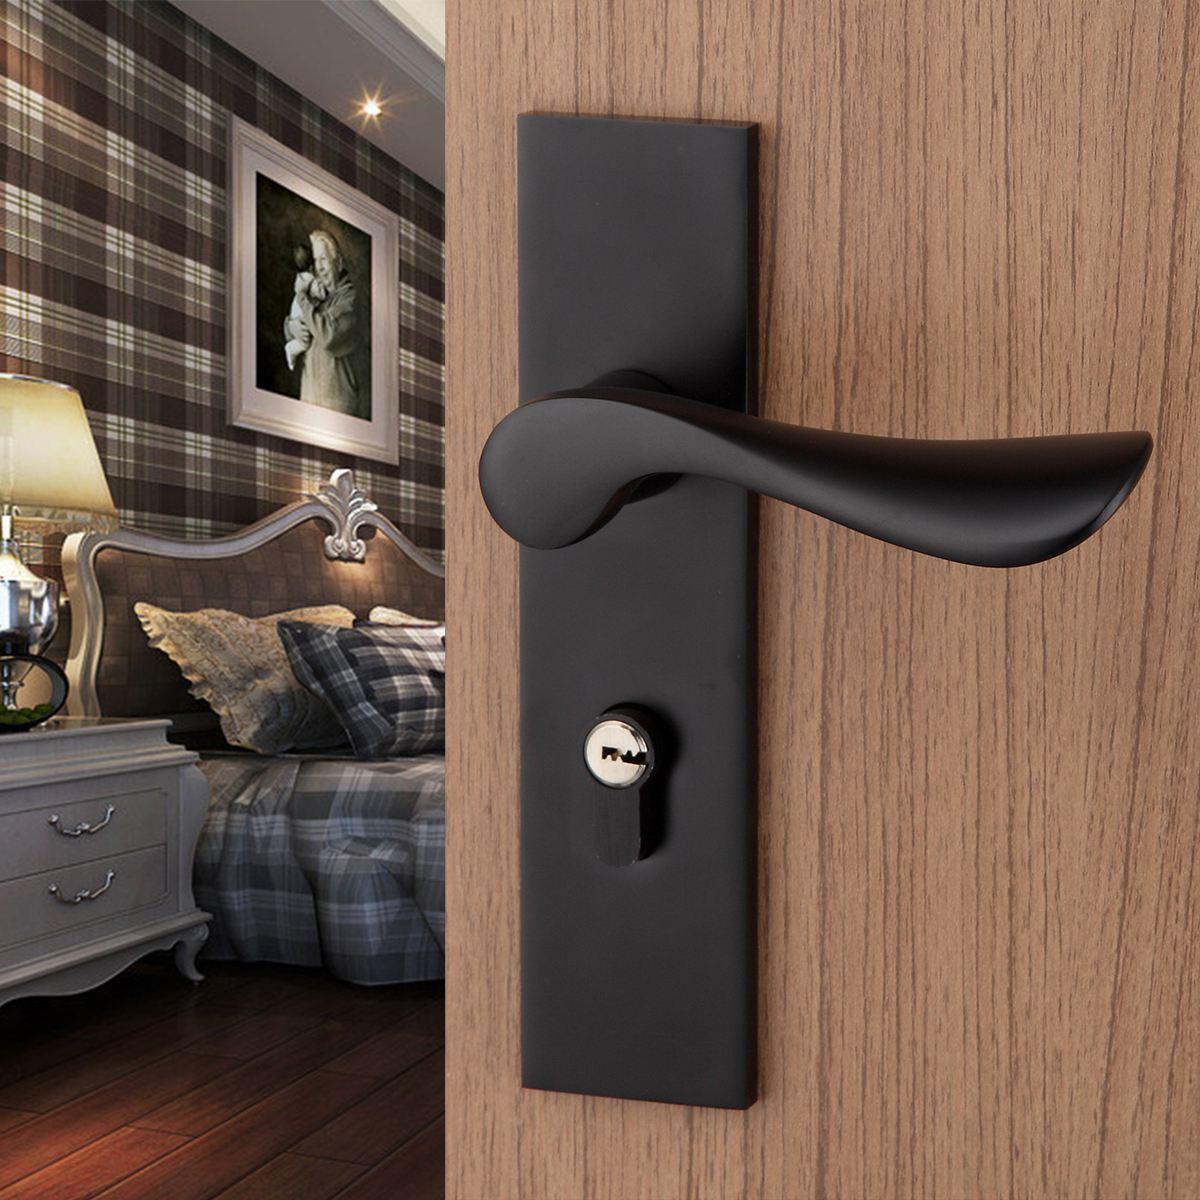 门锁开不了原因和解决方法,开锁怎么收费?